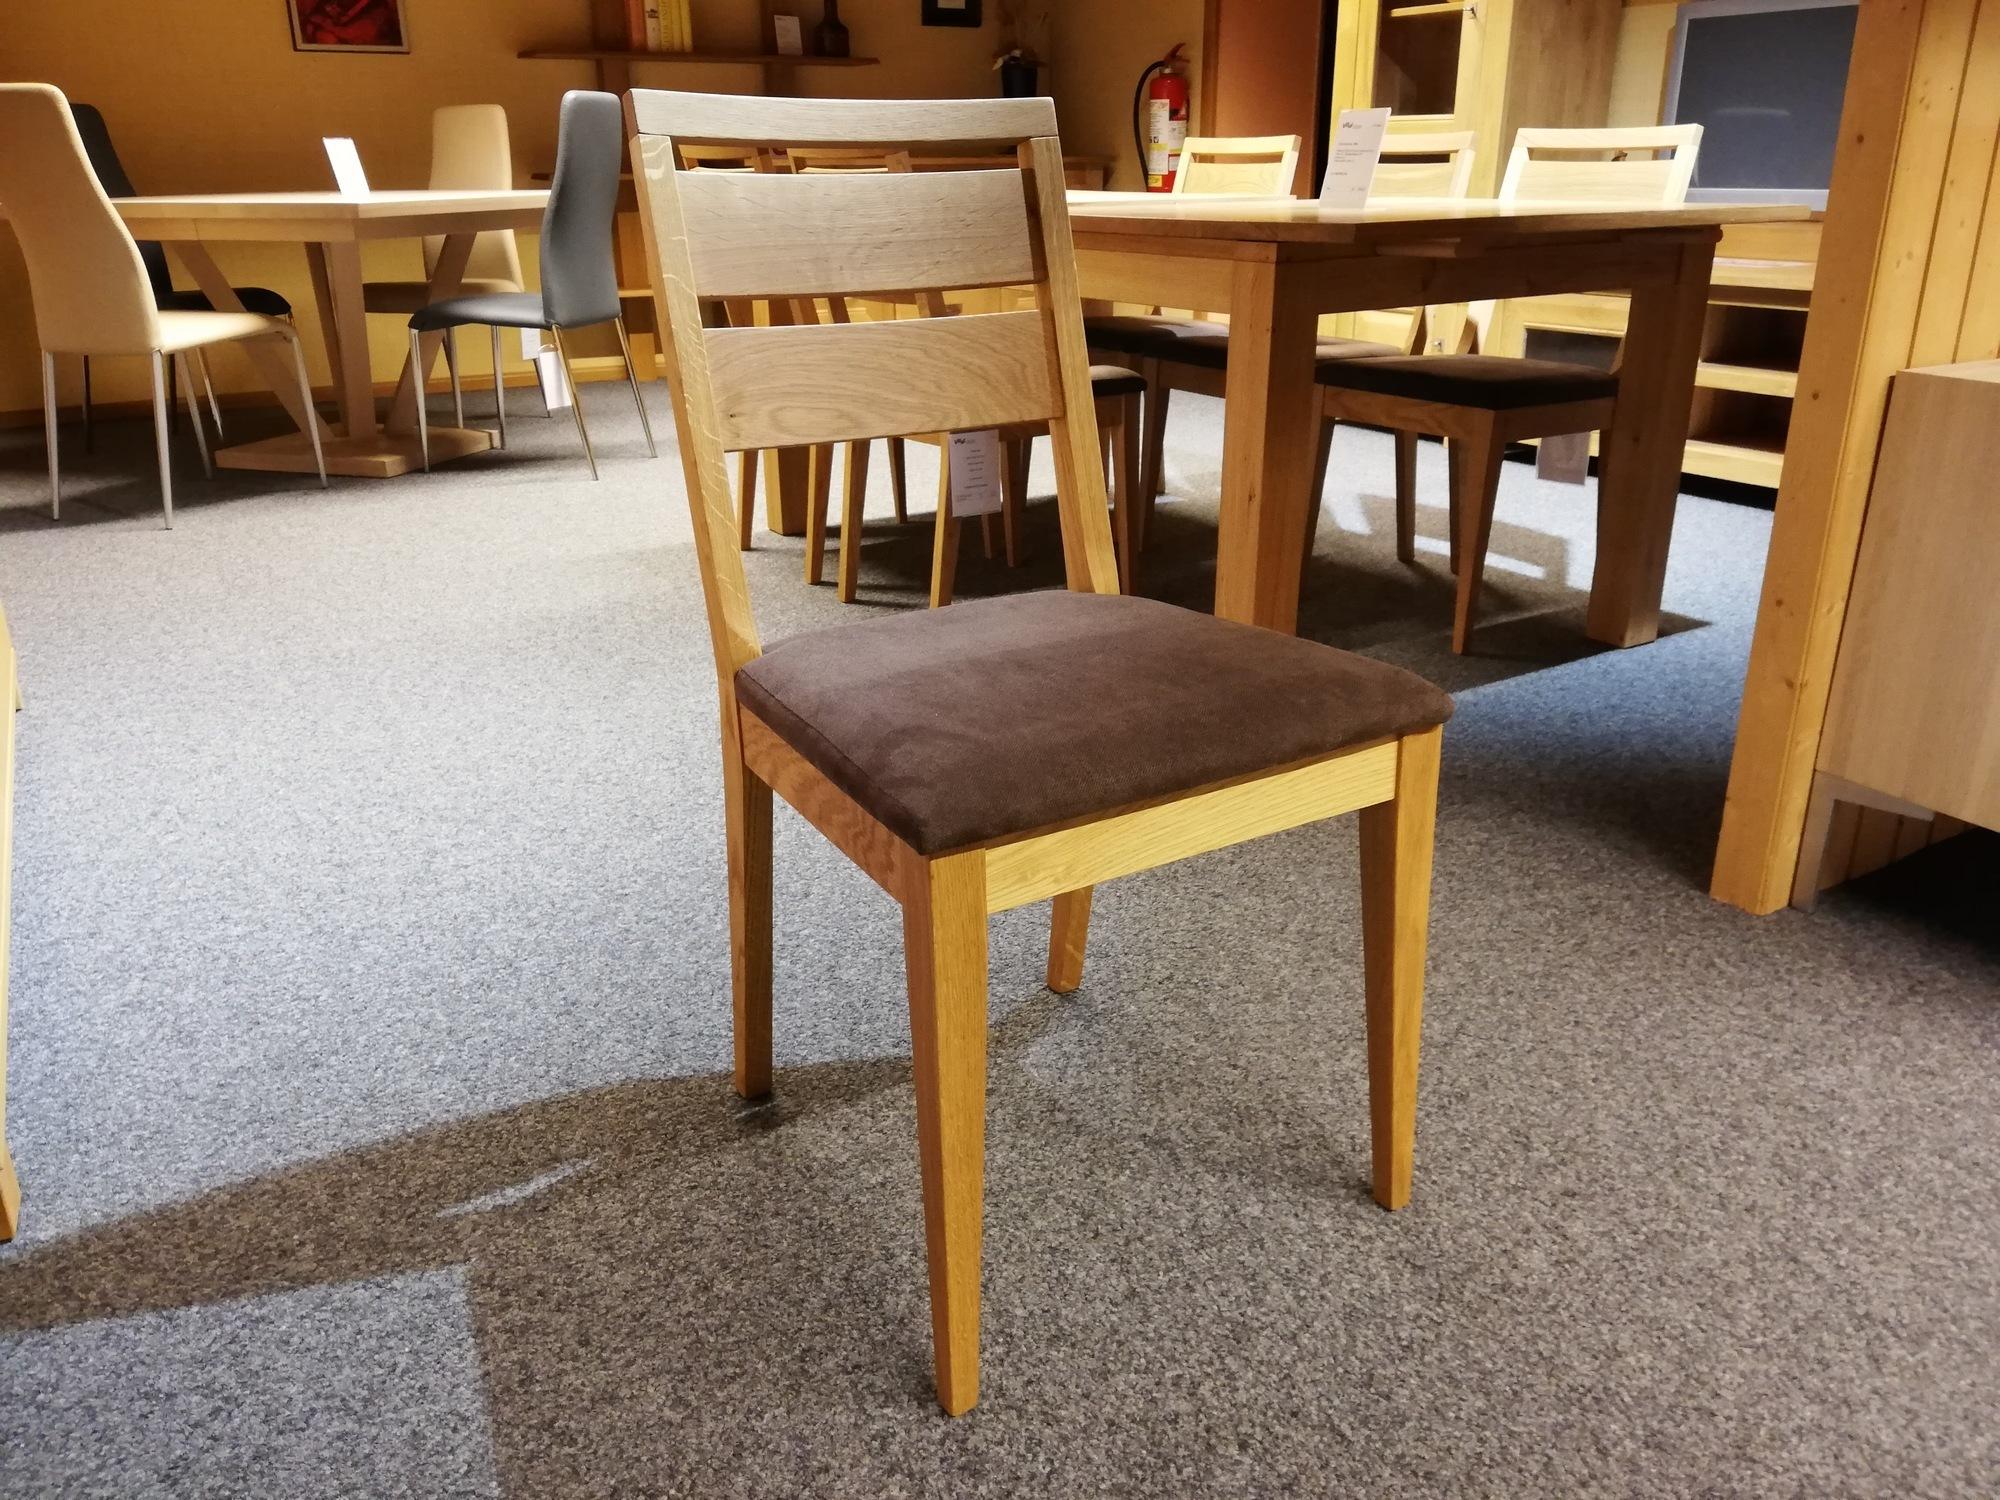 1542373524-essen-chaises-lily-de-ims.jpg